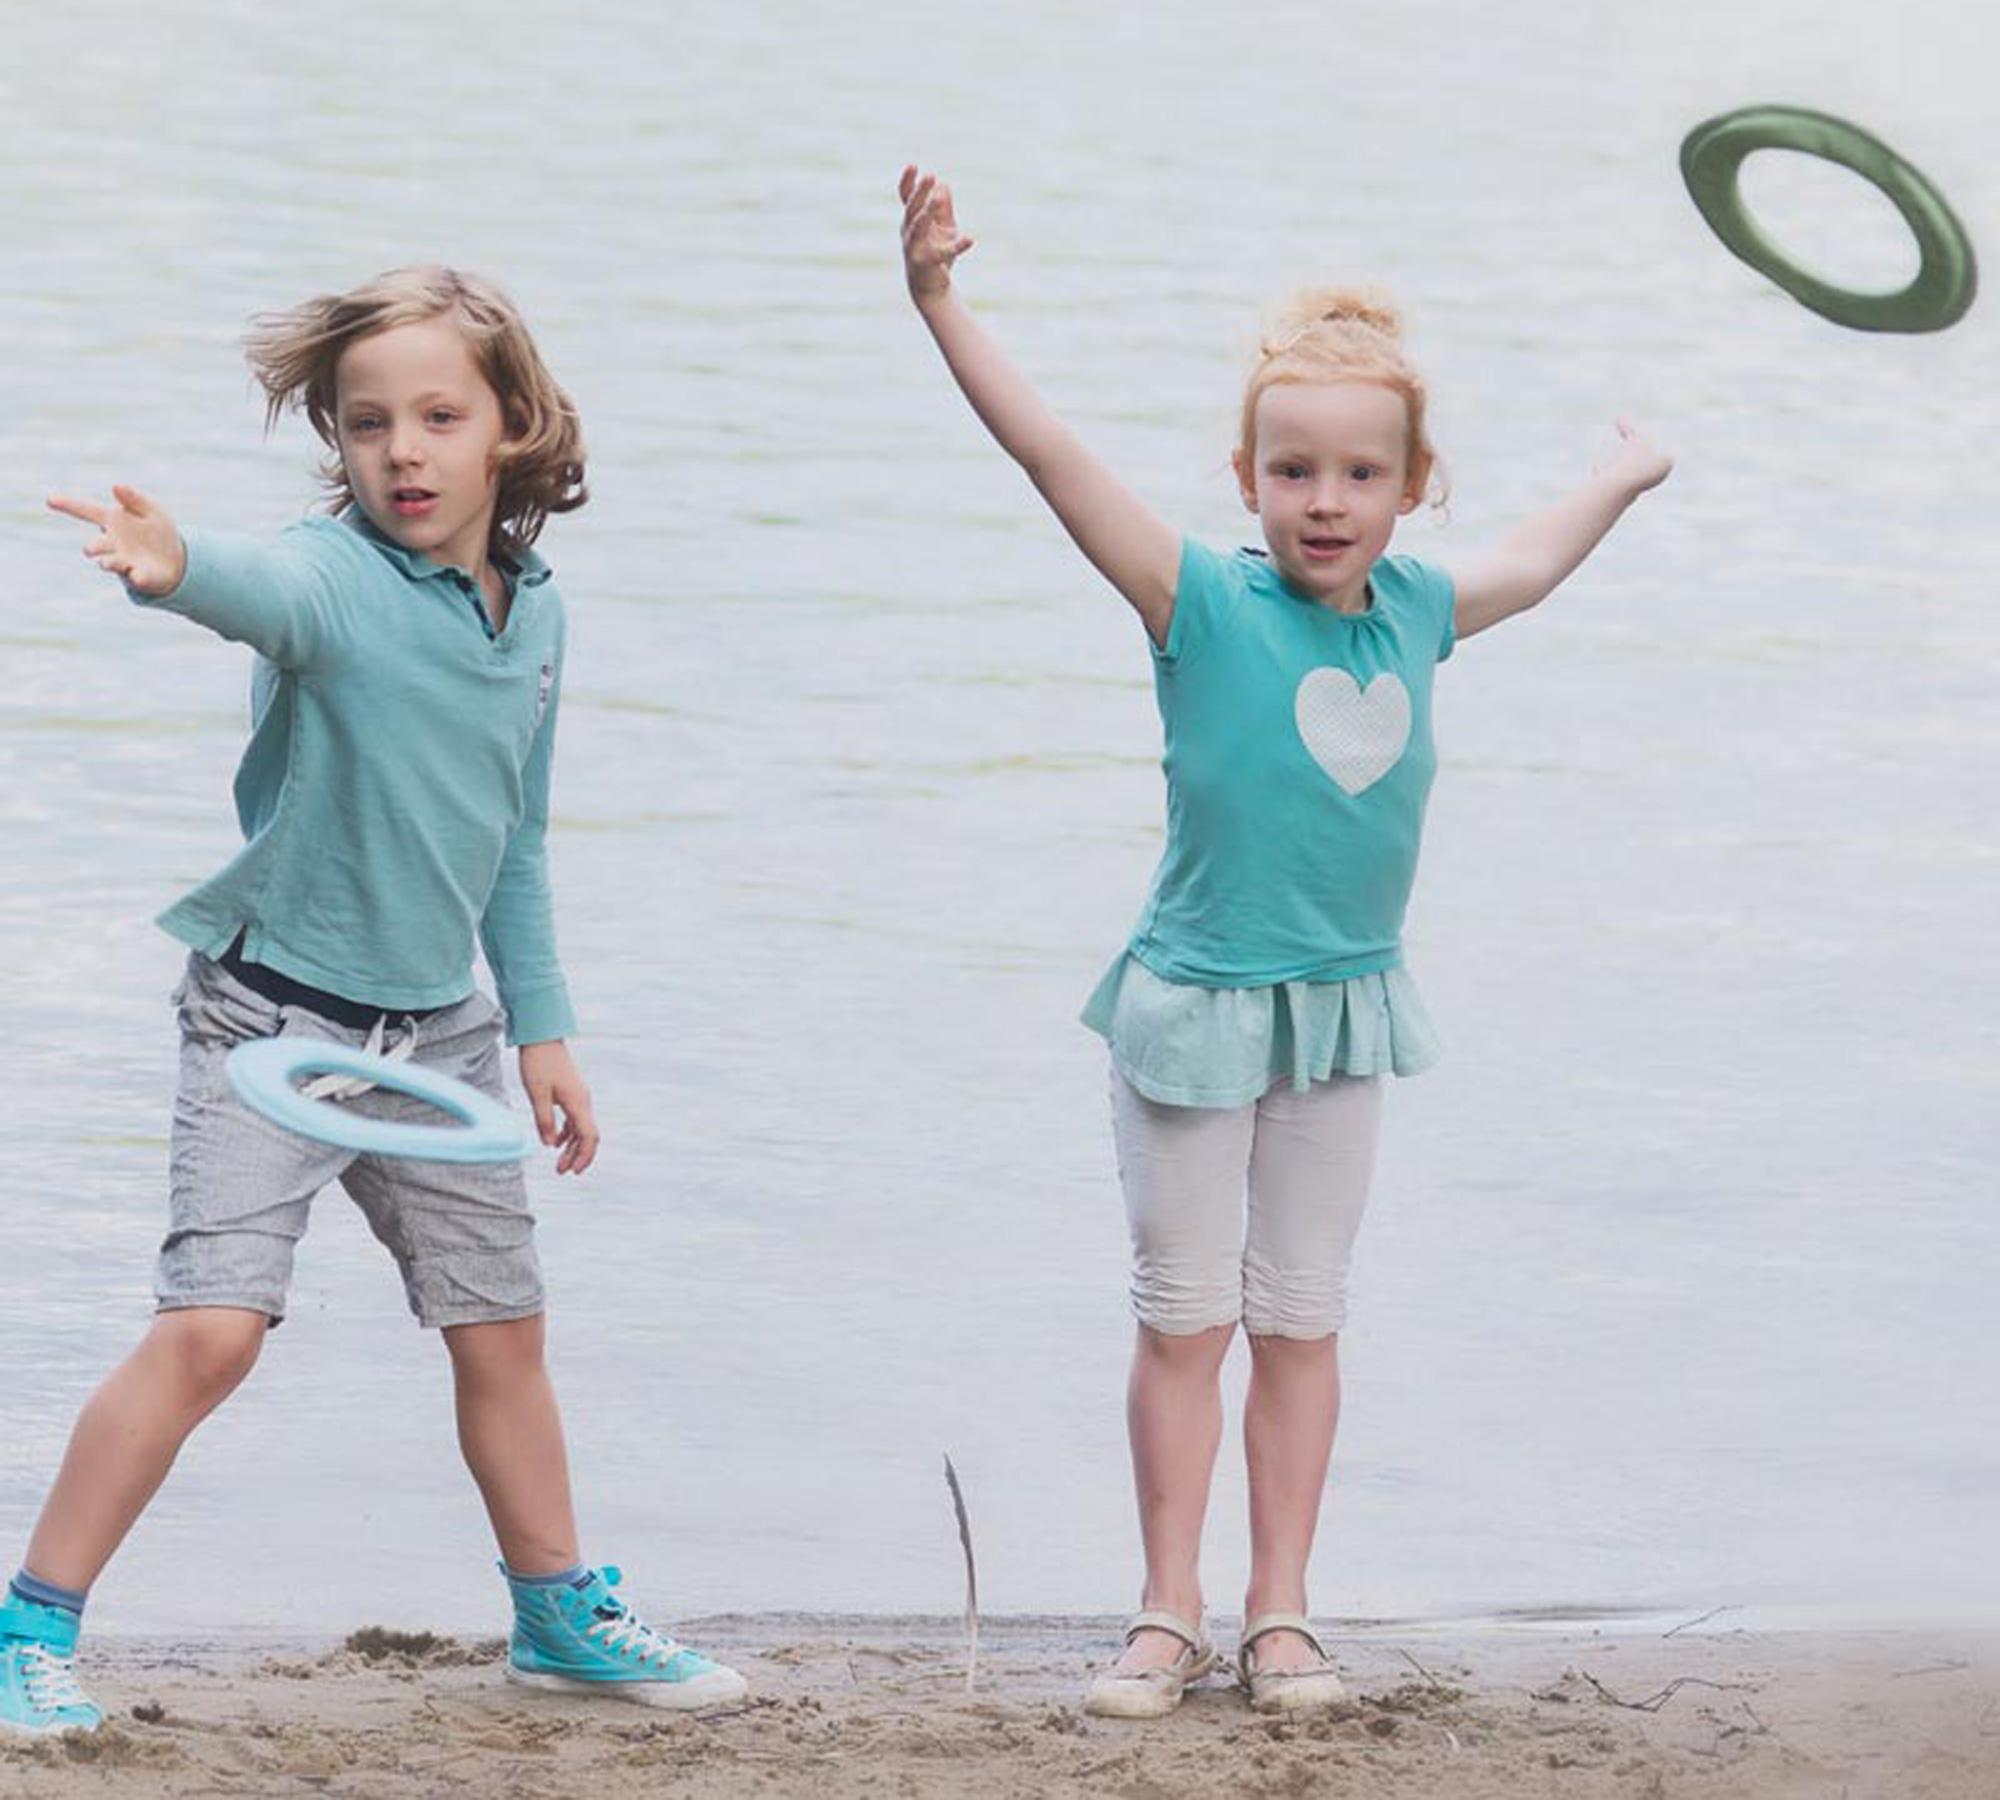 Spielideen für die Sommerzeit: für draußen und drinnen   HIMBEER Magazin